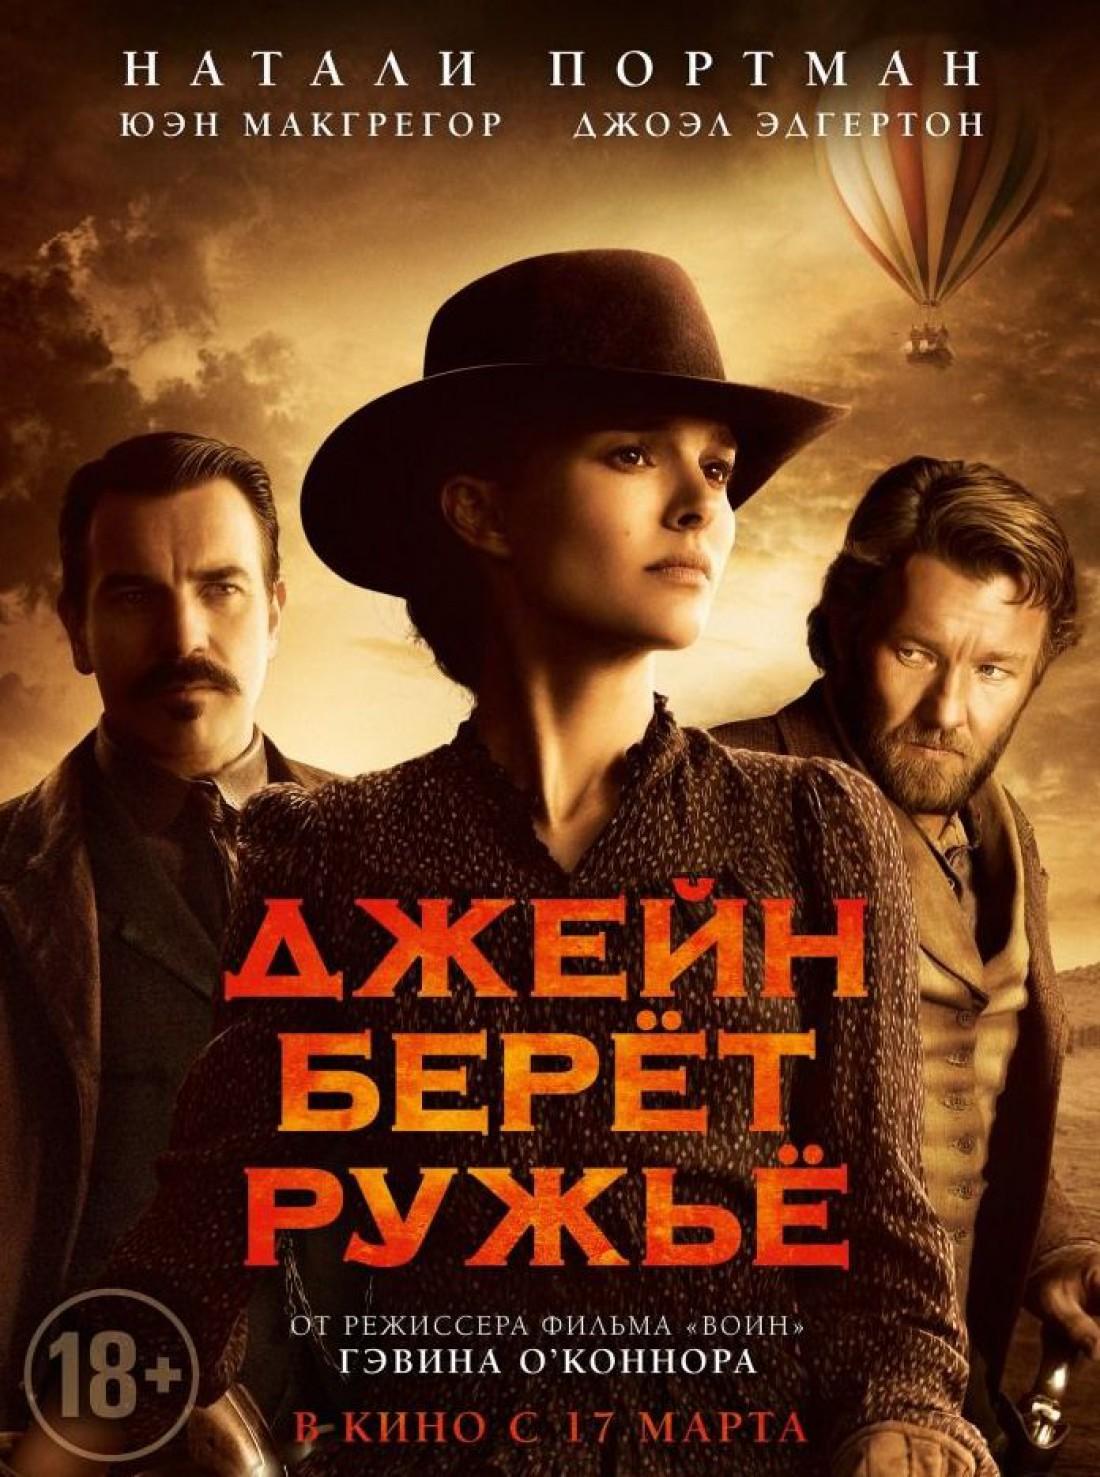 Постер к фильму с Натали Портман